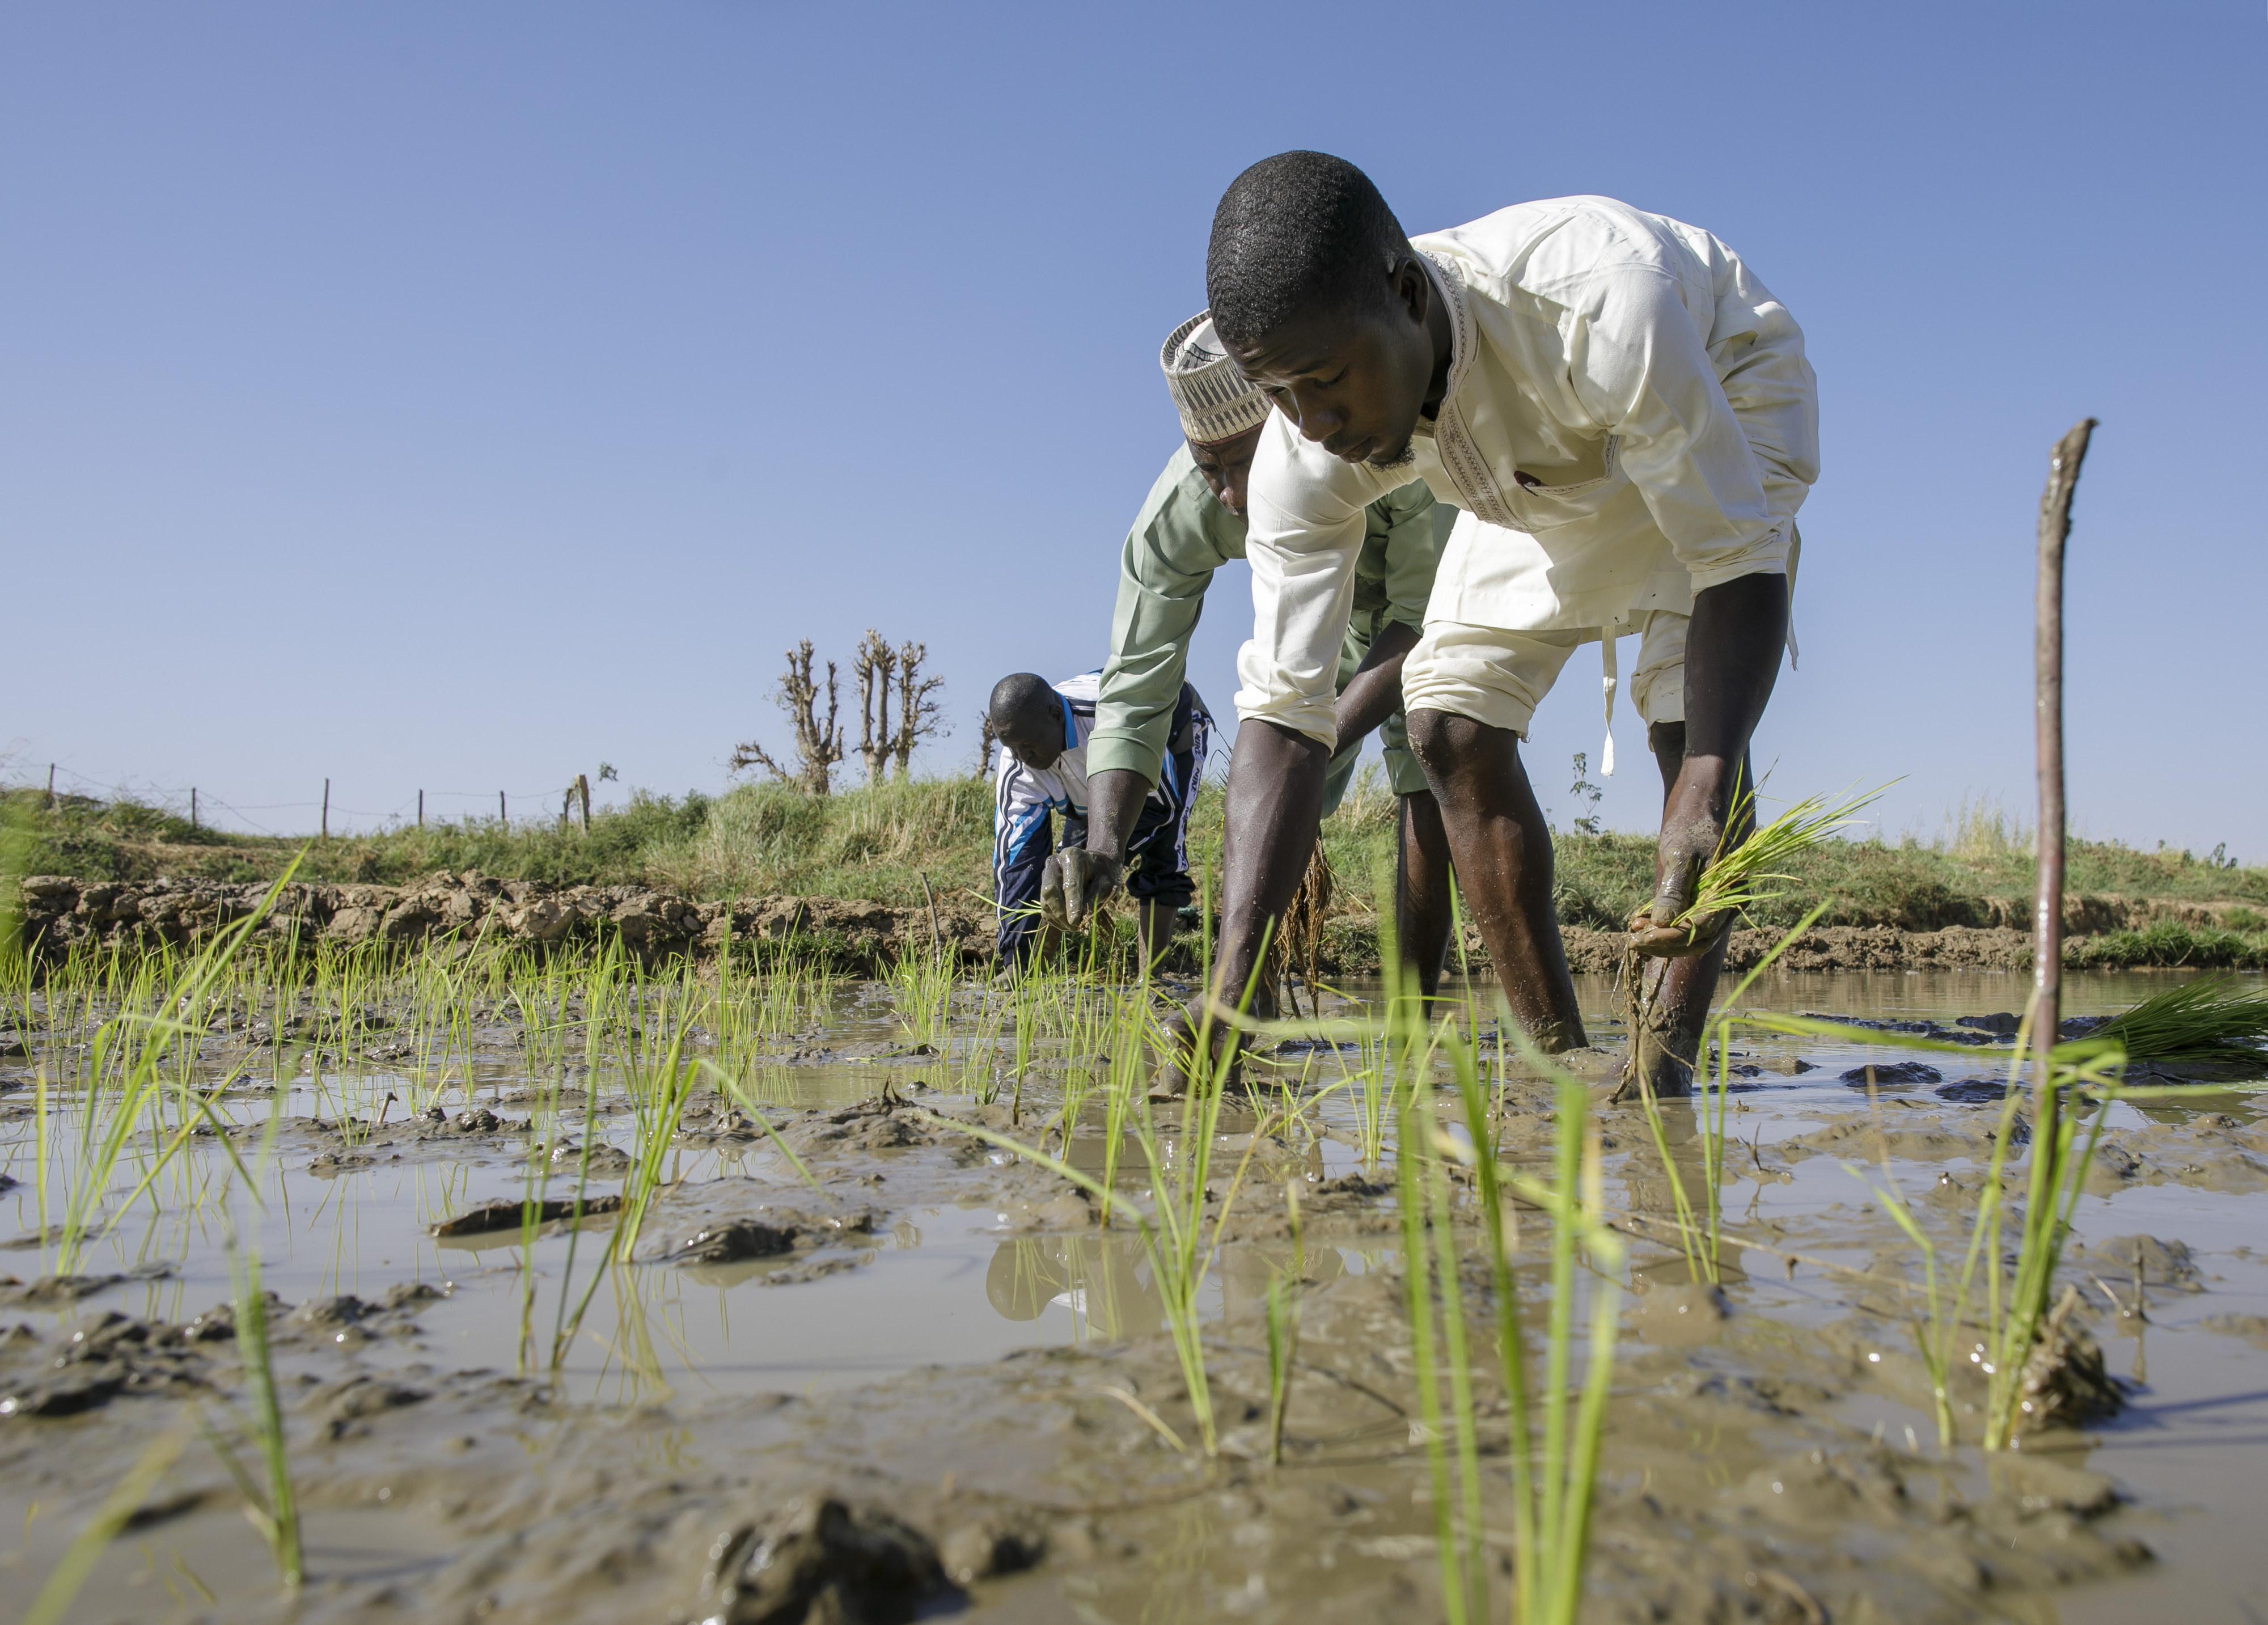 Reisbauern in Nigeria